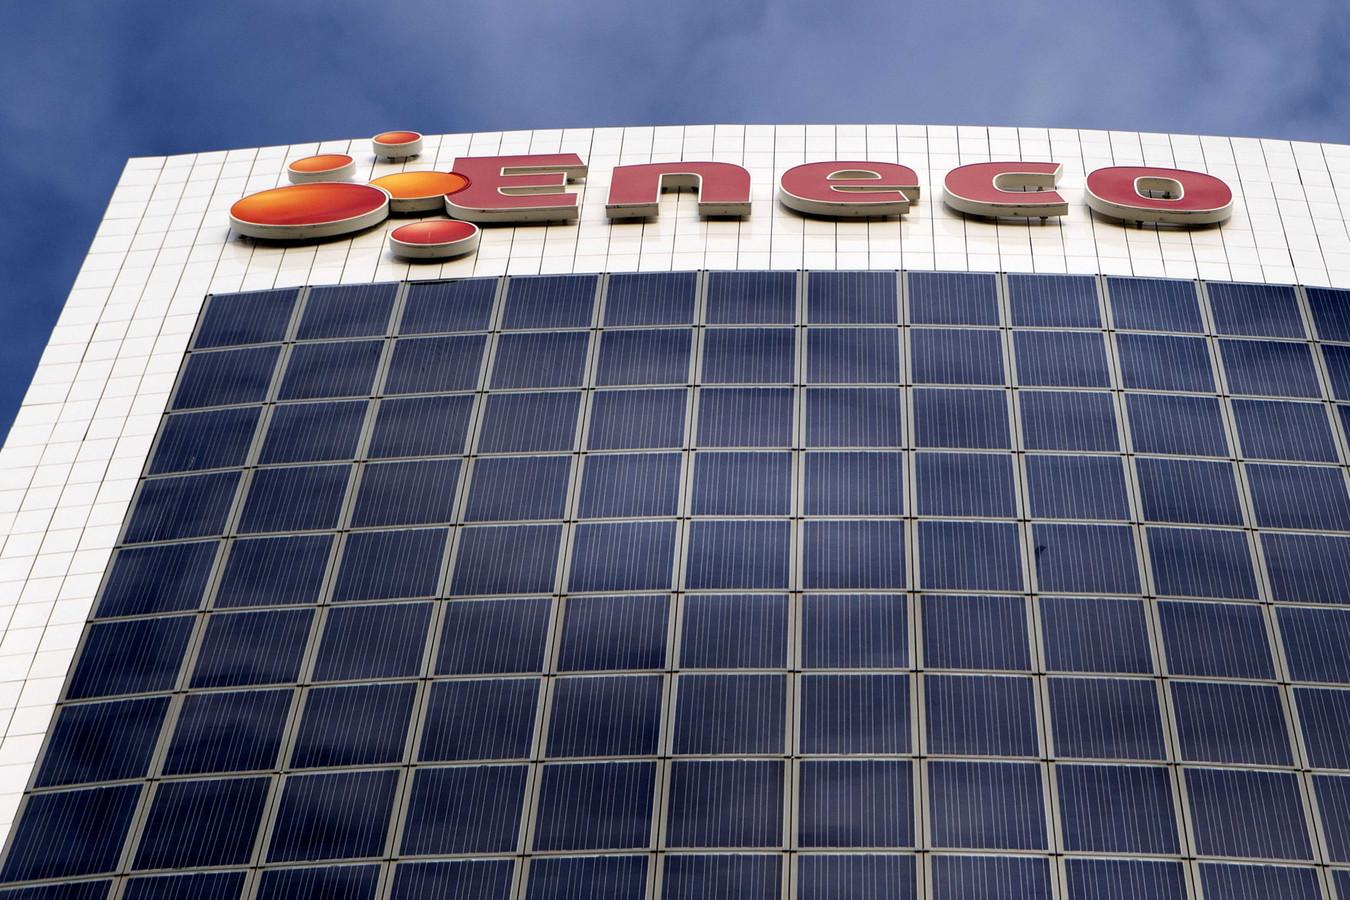 De verkoop van de aandelen van Eneco kan de gemeente Vijfheerenlanden veel geld opleveren.